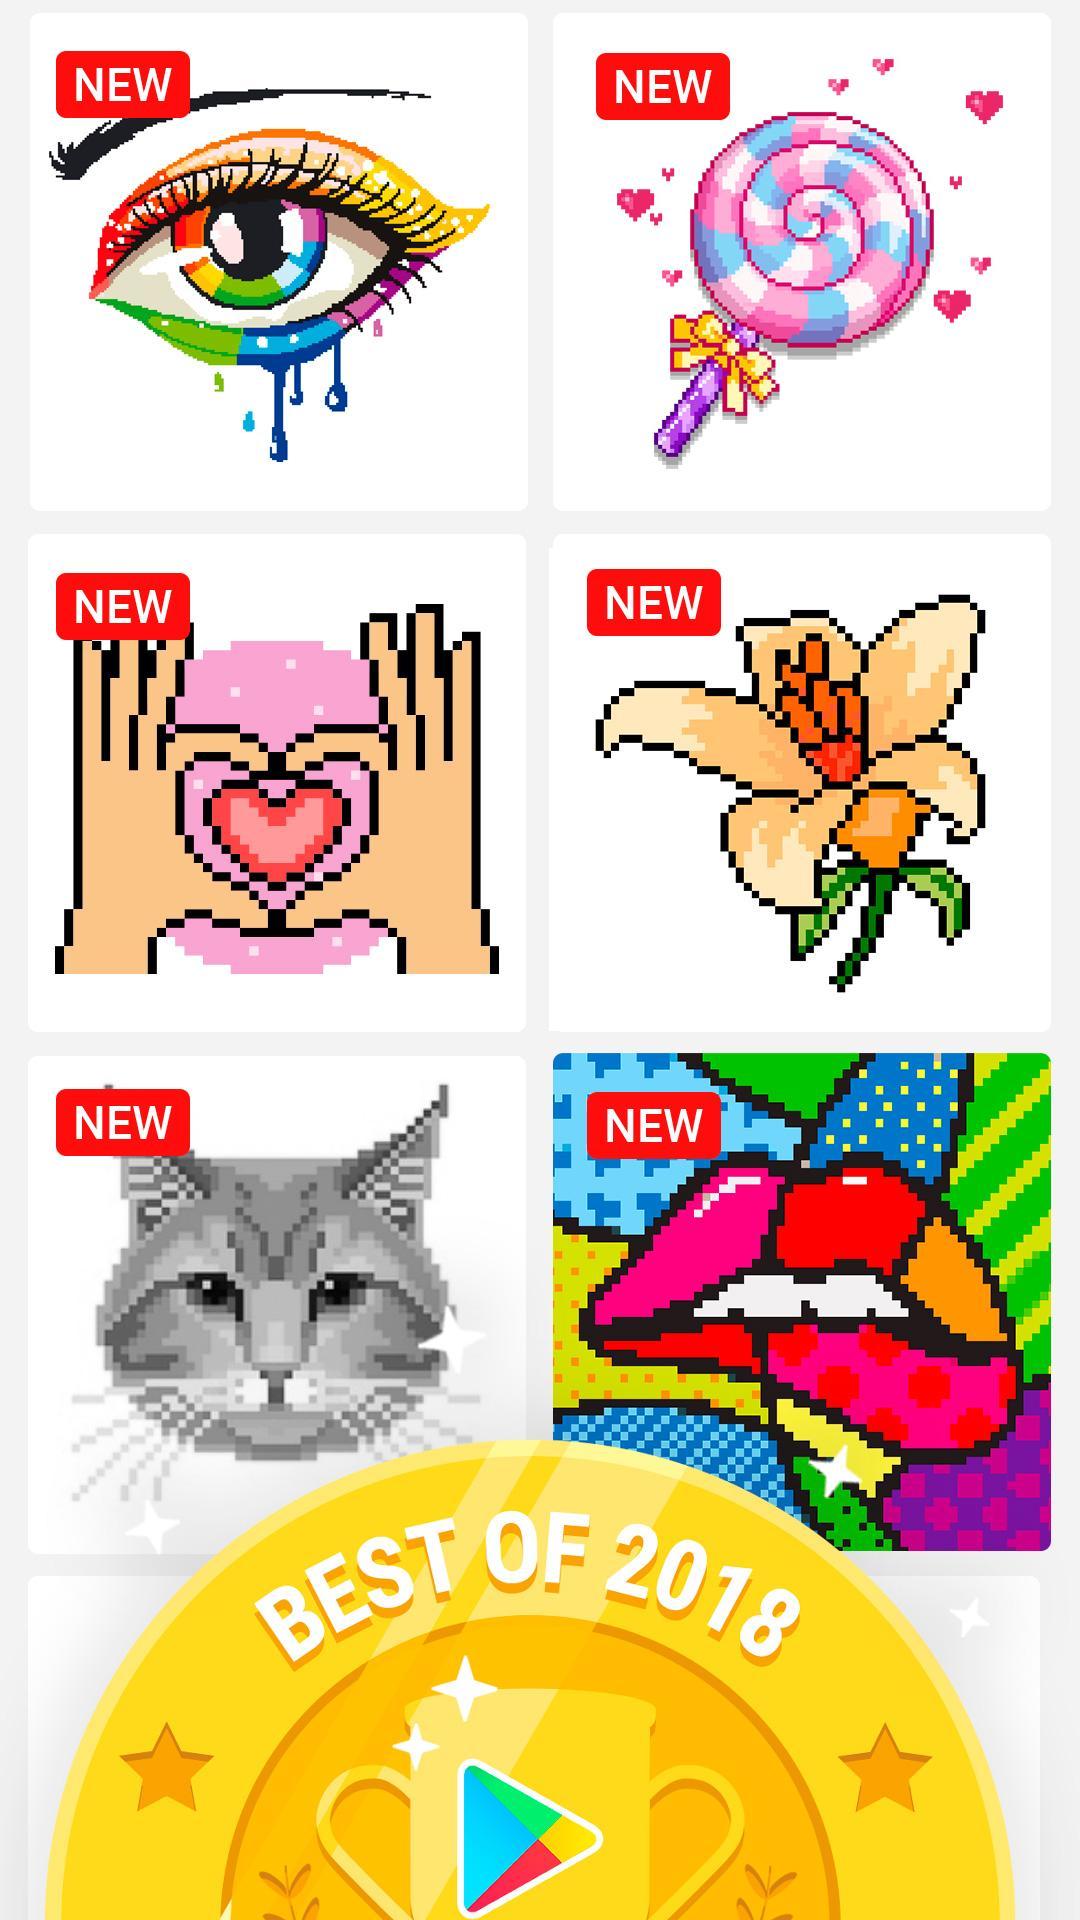 раскраски по номерам No Draw для андроид скачать Apk